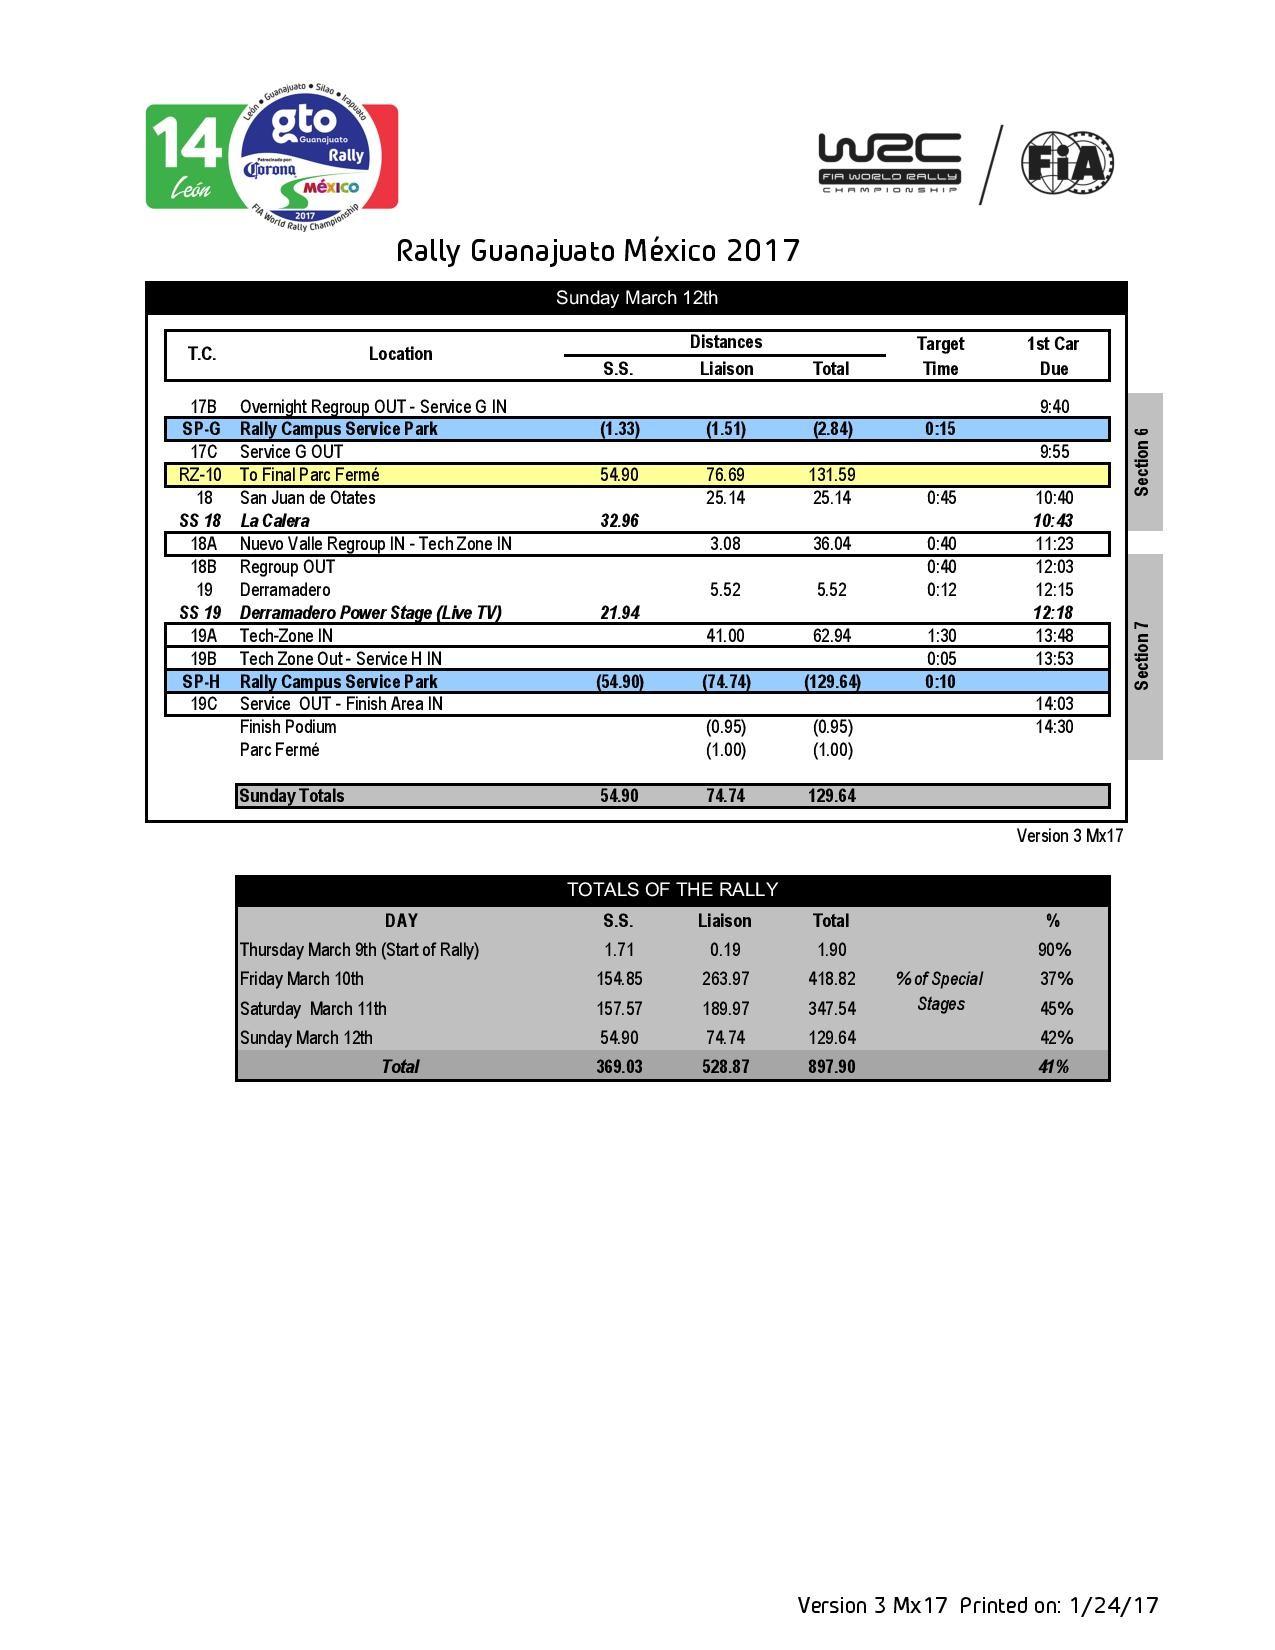 ItineraryMx17 V3 page 004